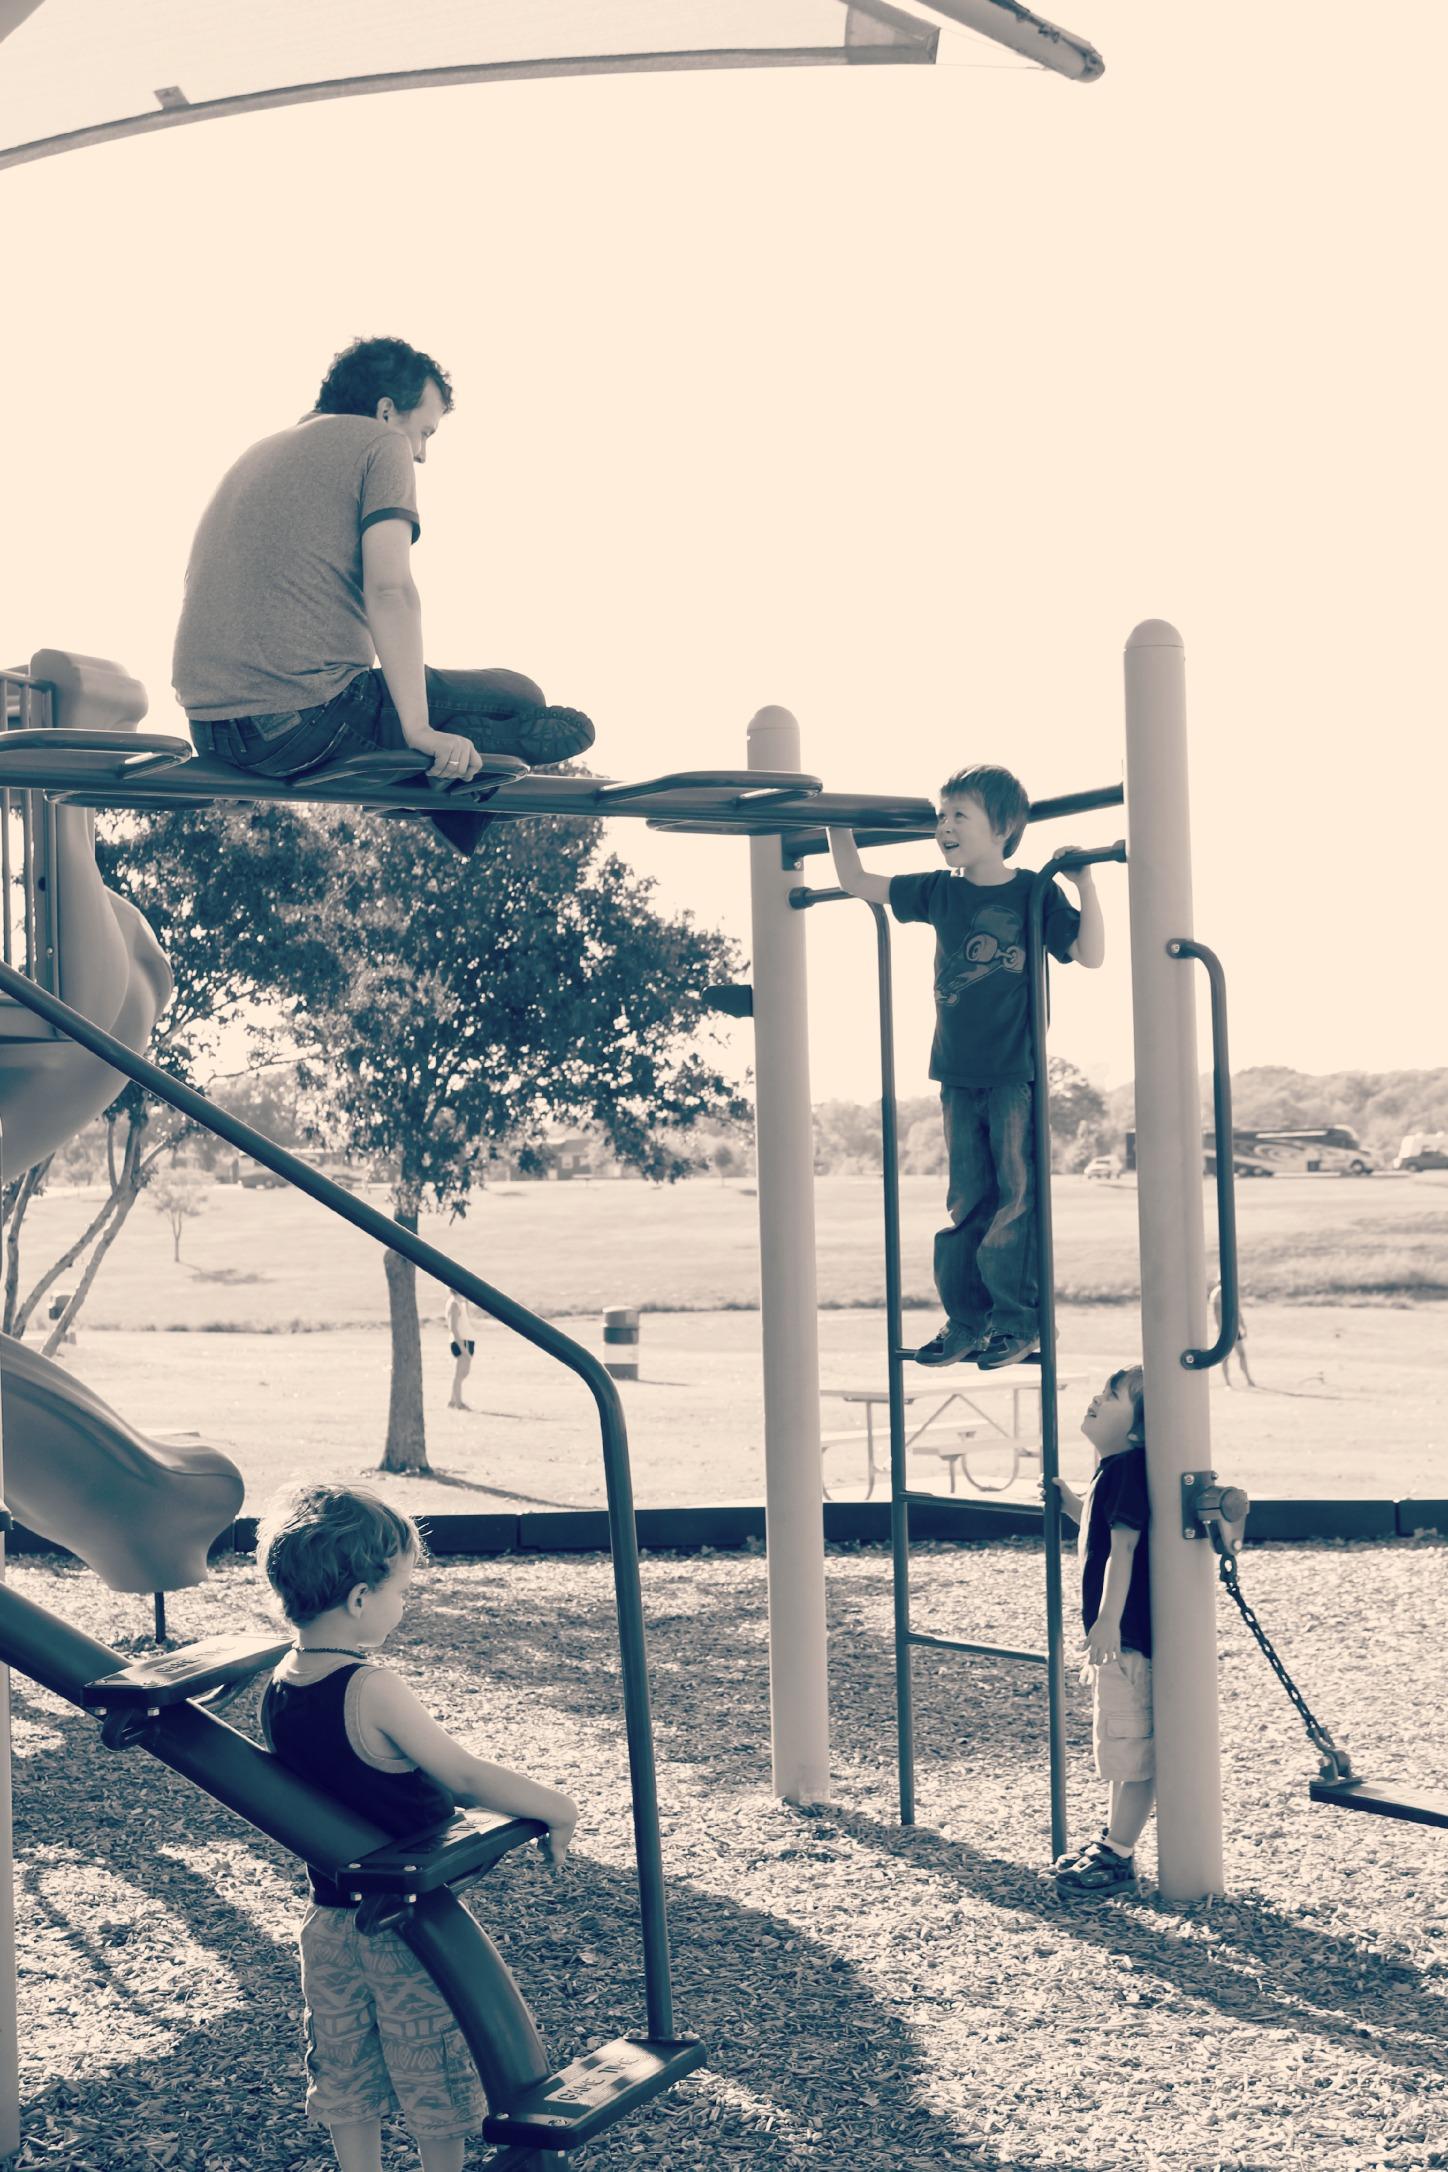 Grapveine Lake playground b and w